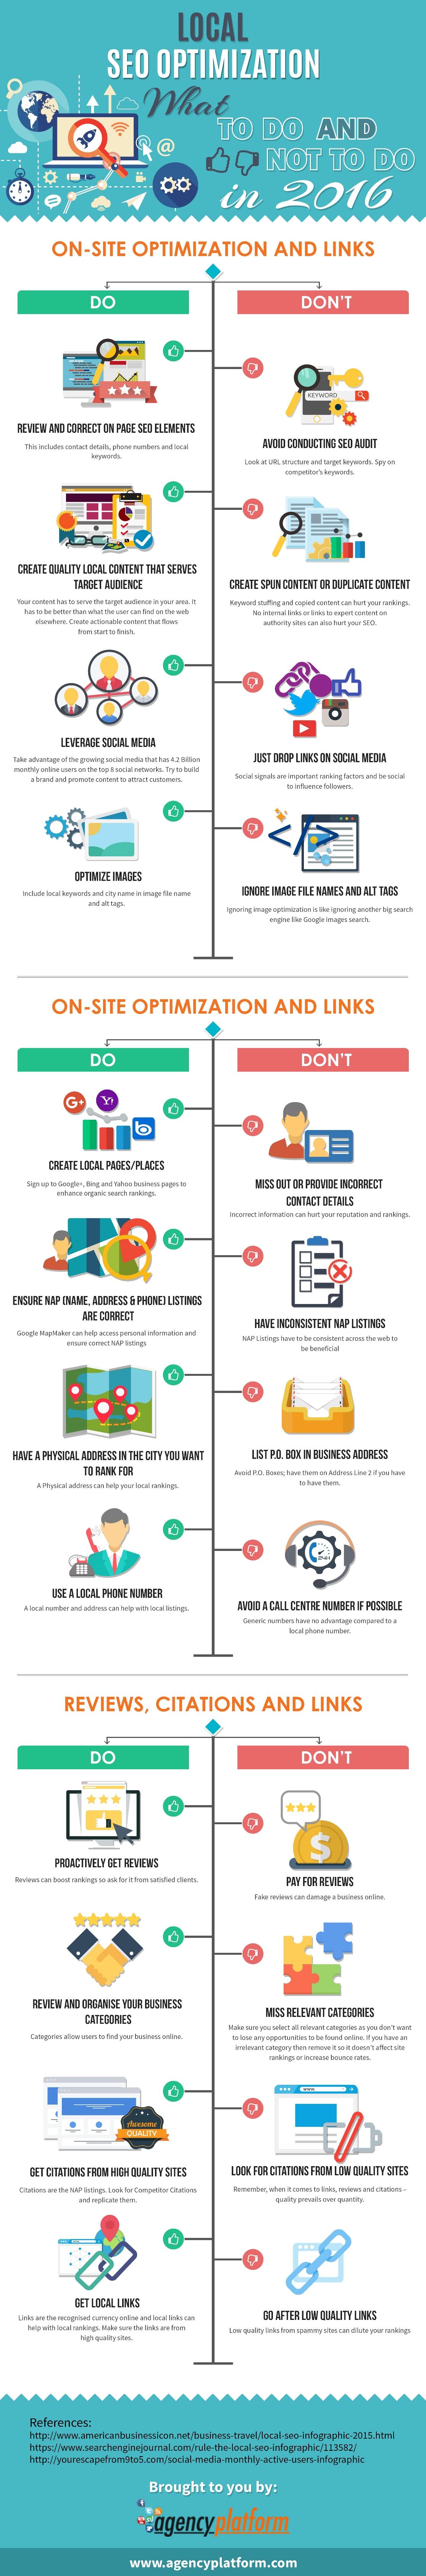 Qué hacer y qué no hacer para mejorar tu SEO local